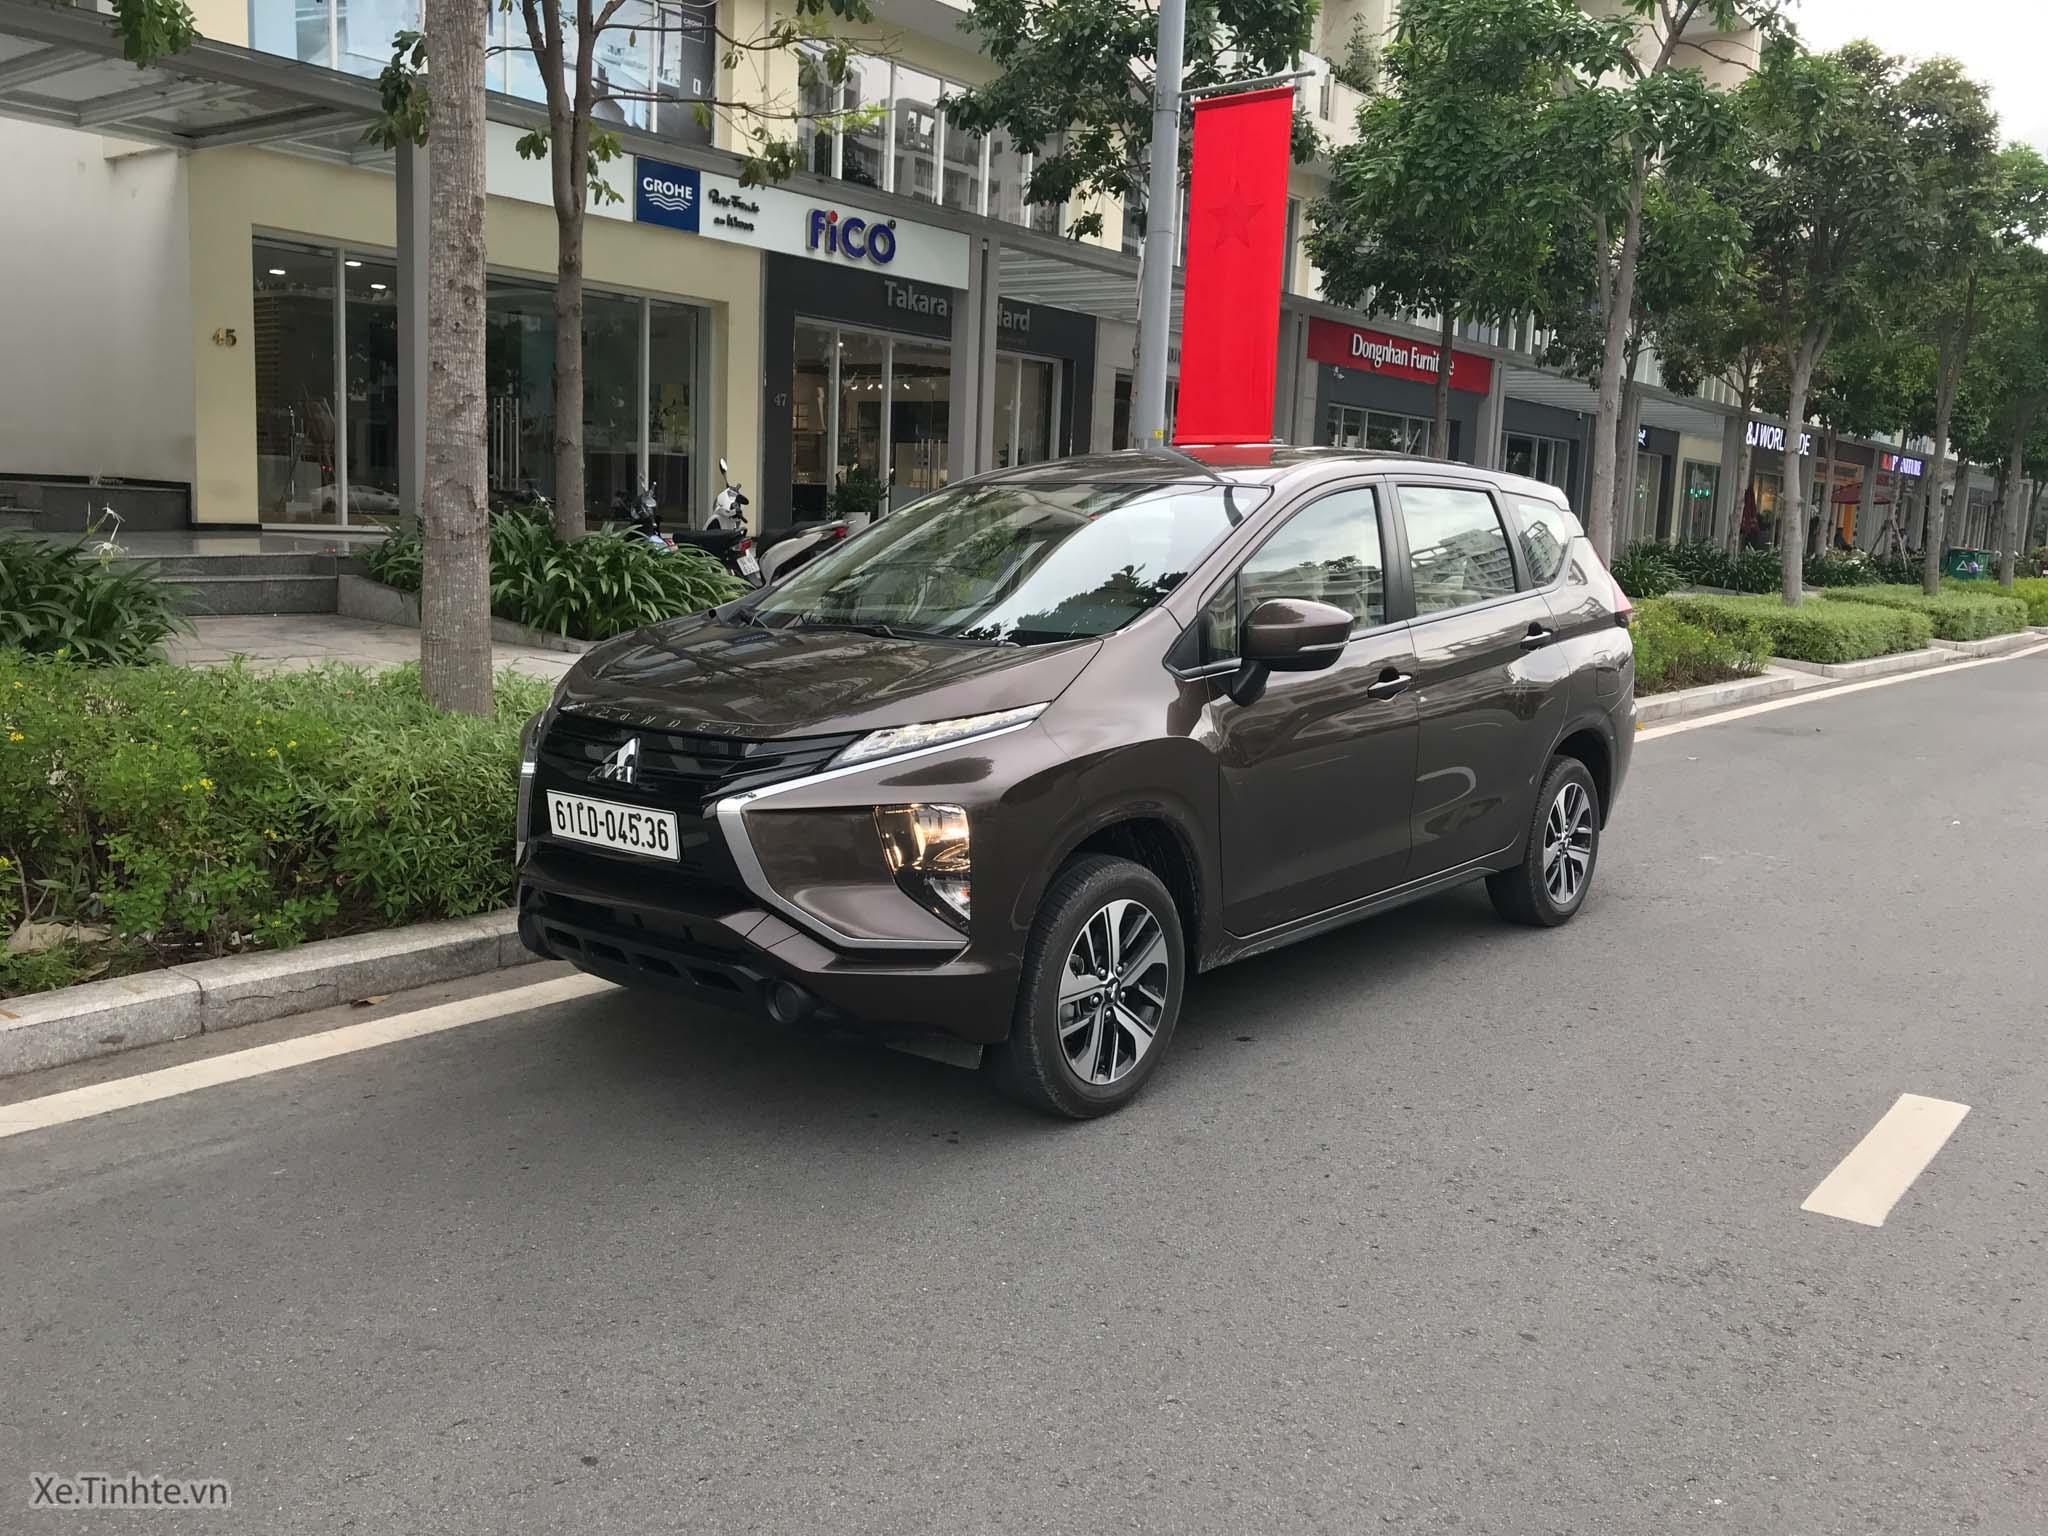 Đánh giá Mitsubishi Xpander 2018 - Hiện tượng MPV nâng gầm mới sau Innova?